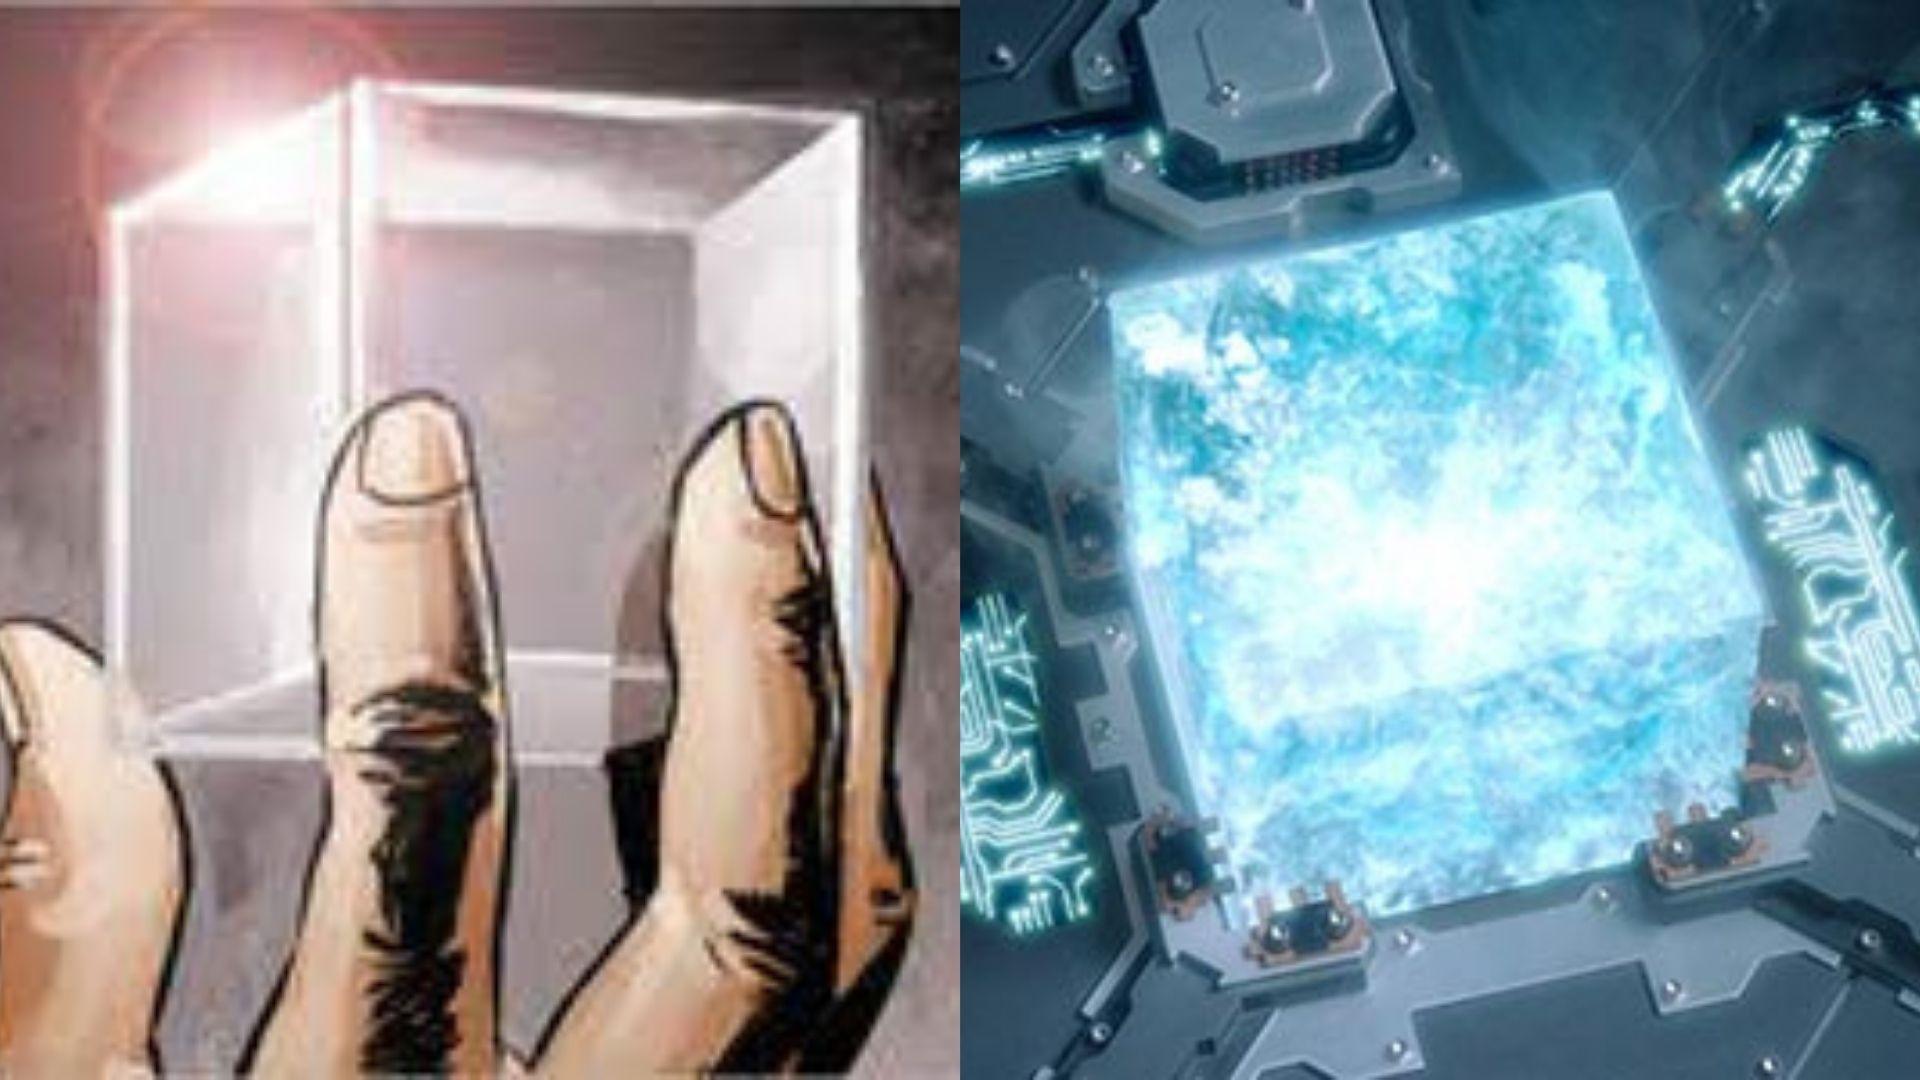 【アイテム】コズミック・キューブの性能・誕生・所有者について解説!【マーベル原作】